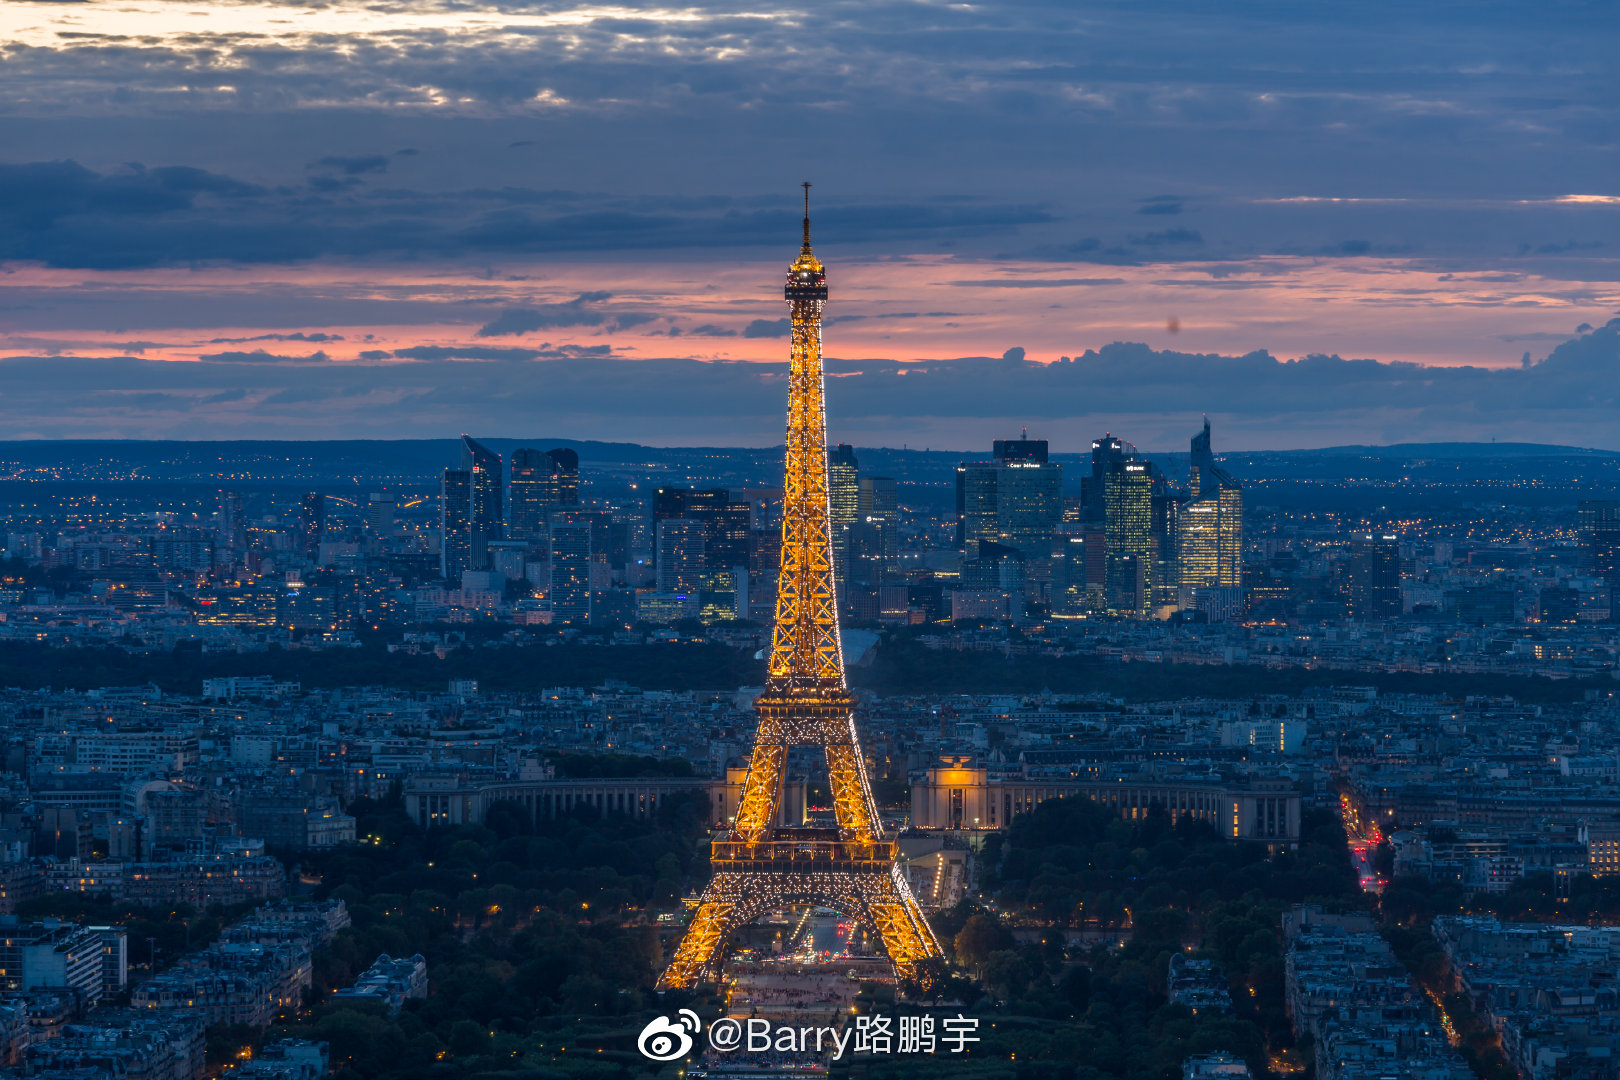 17-19年 拍不完的巴黎埃菲尔铁塔